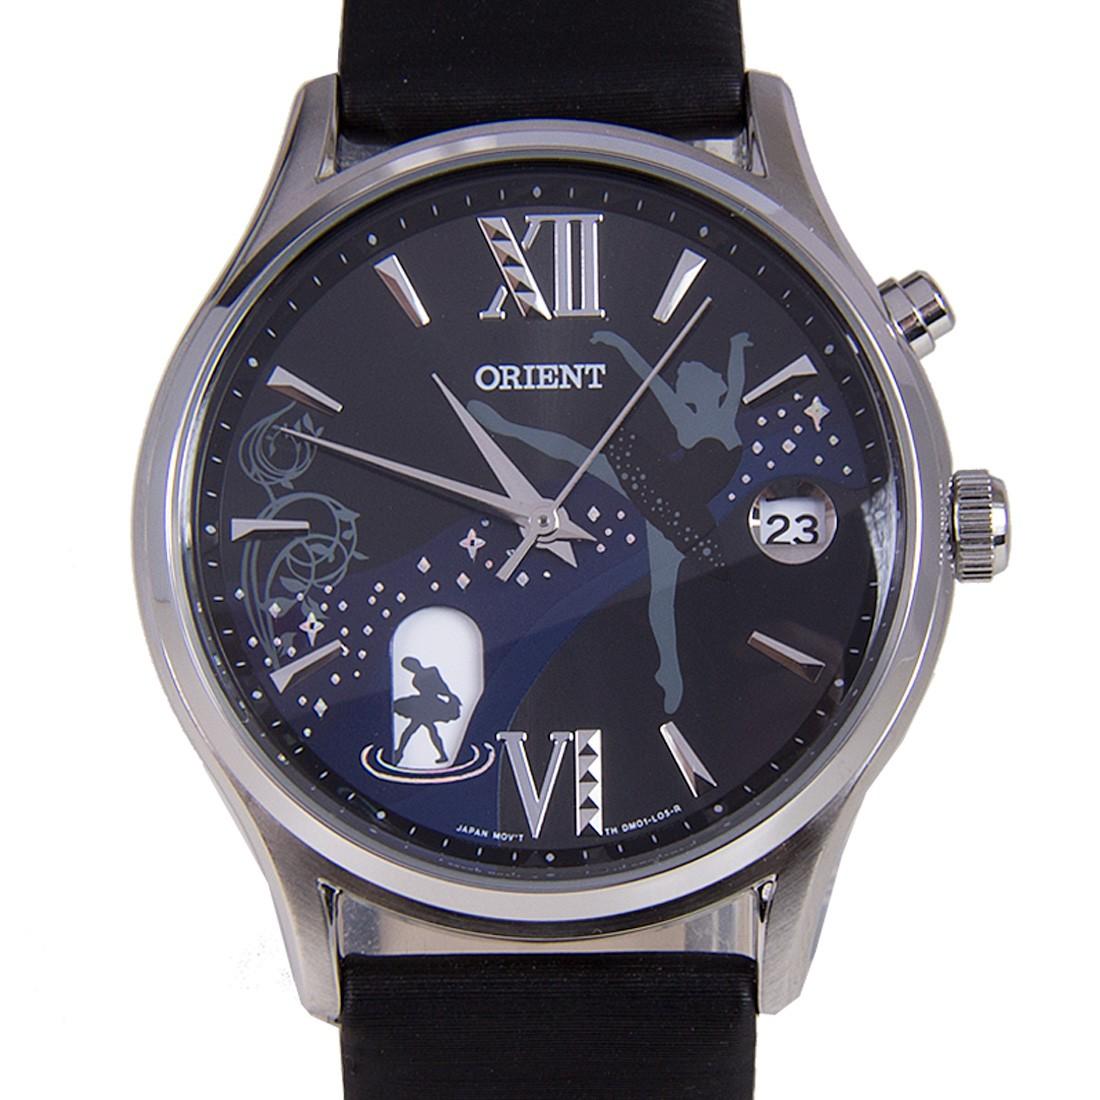 นาฬิกาผู้หญิง Orient รุ่น FDM01003BL, Ballerina Mechanical Happy Stream Collection